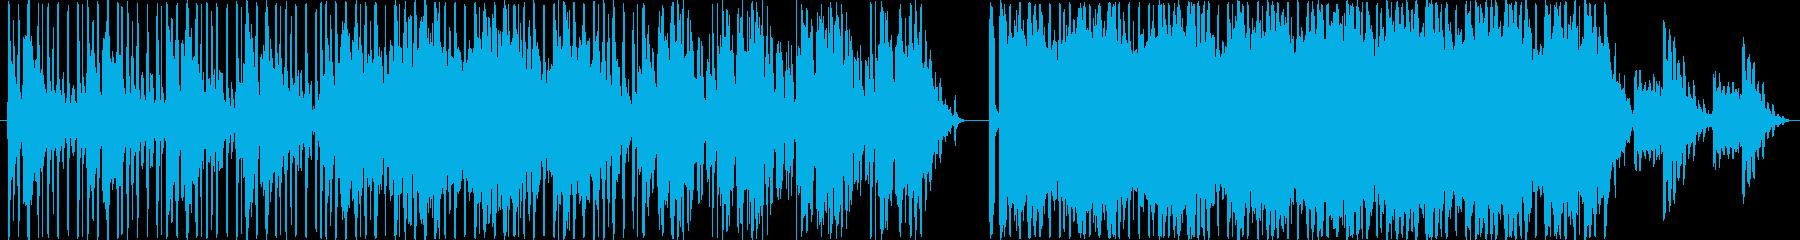 シンプルスタイルテクノです。音源はガジ…の再生済みの波形